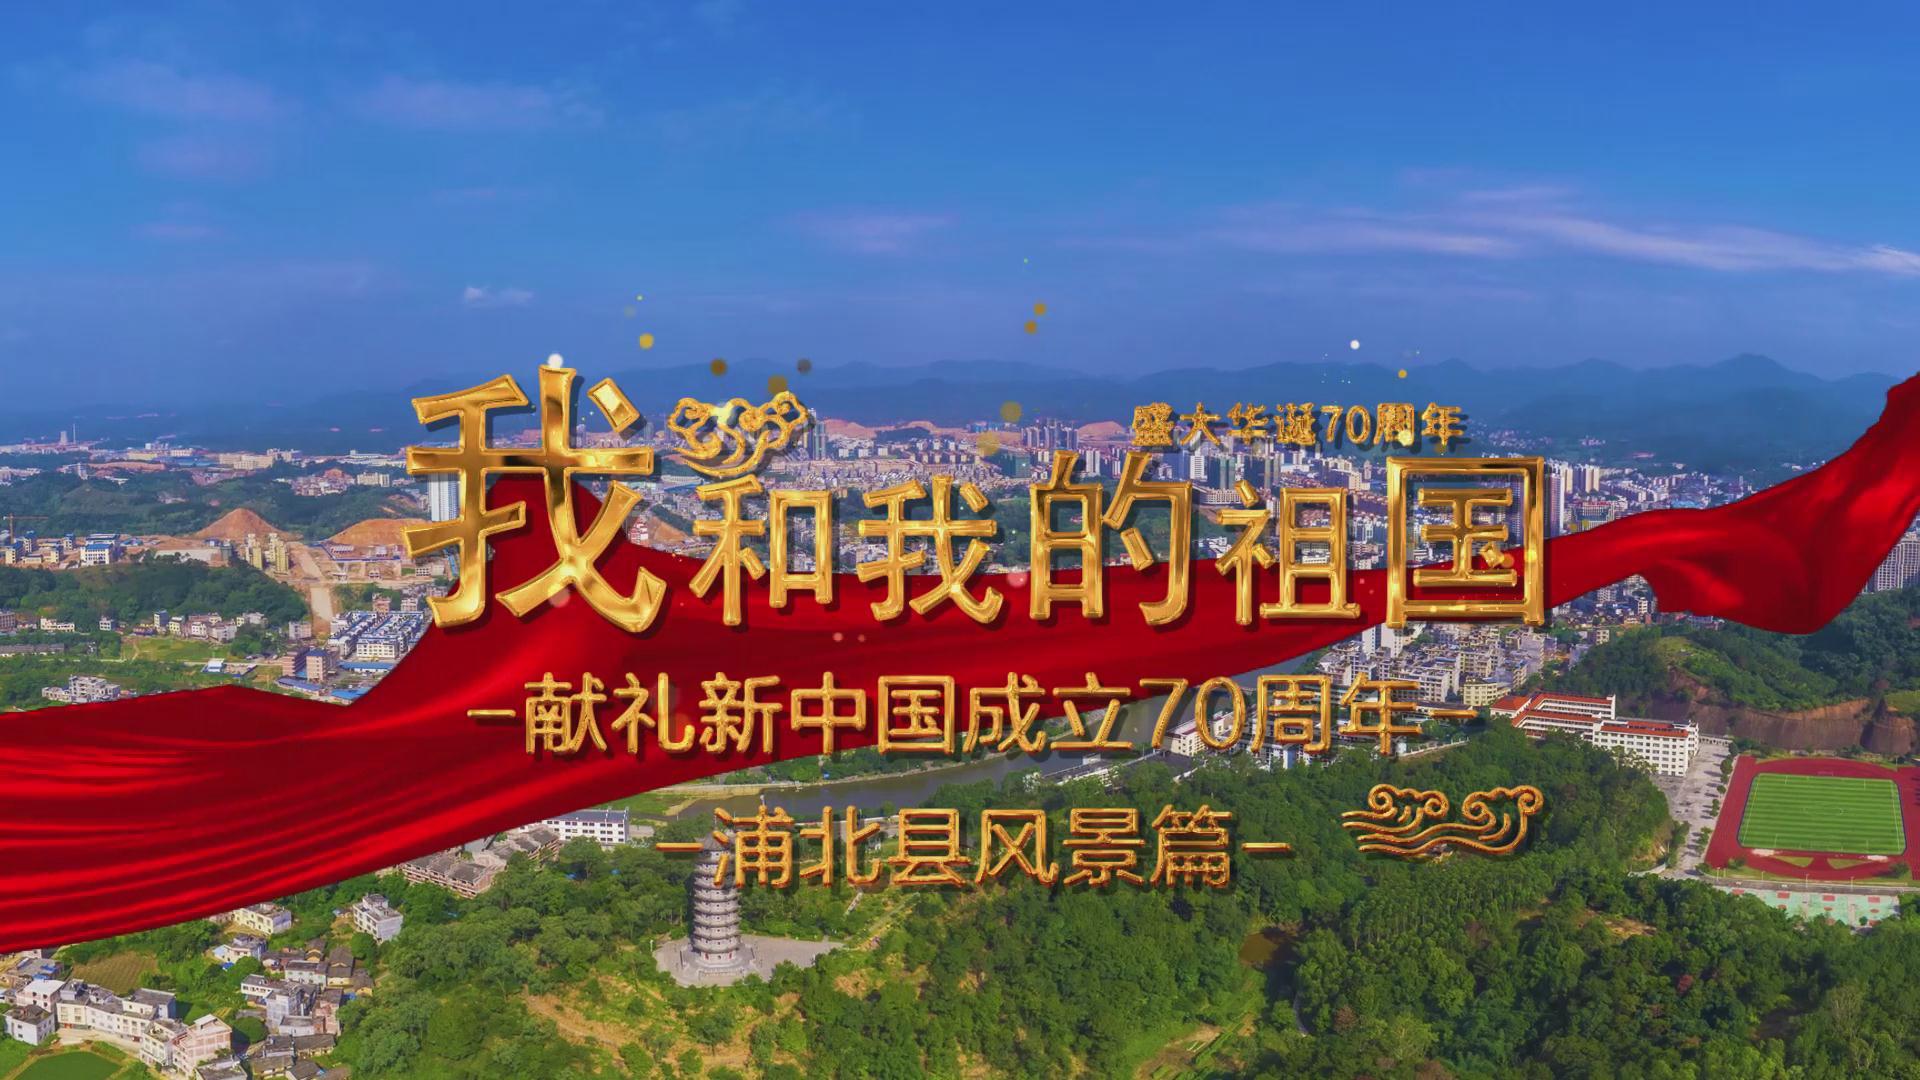 《我和我的祖国》浦北县风景篇1.jpg